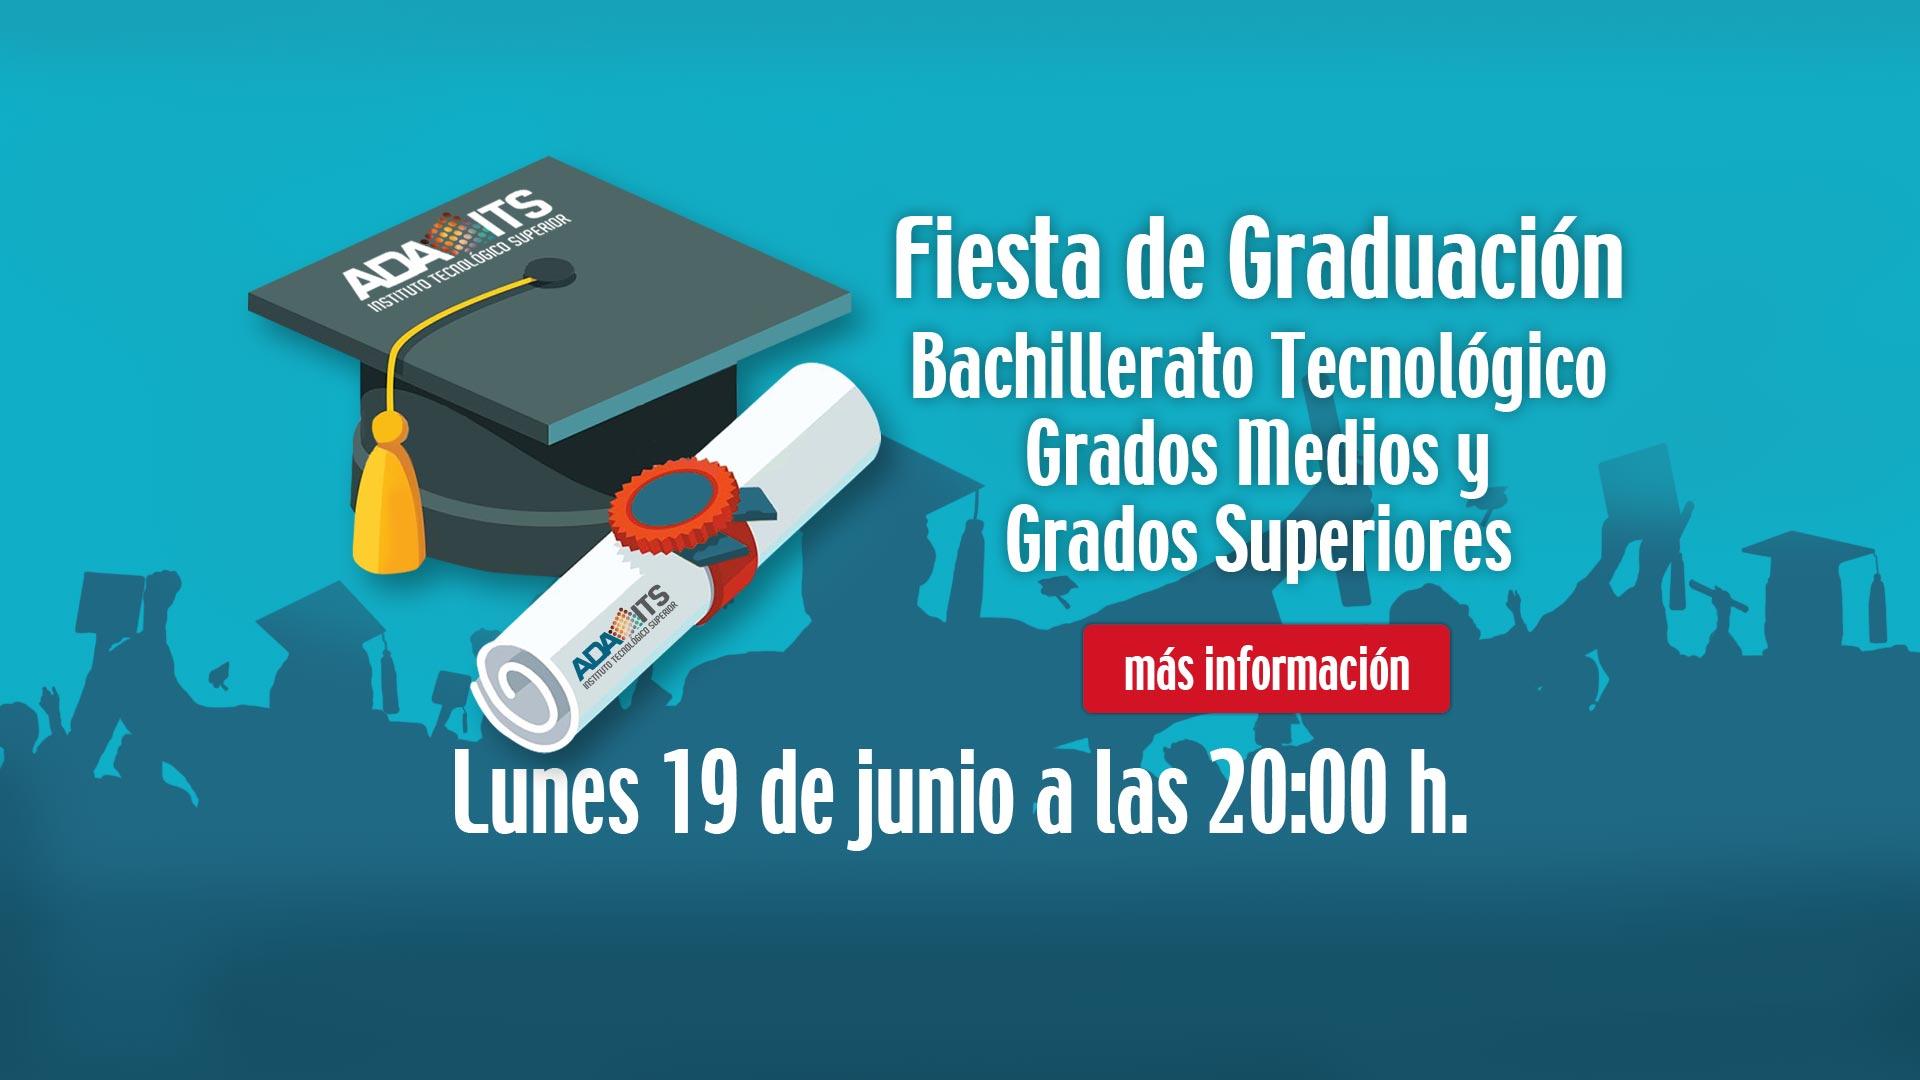 graduacion Bachillerato Tecnológico, grados medios y grados superioreslunes en adaits